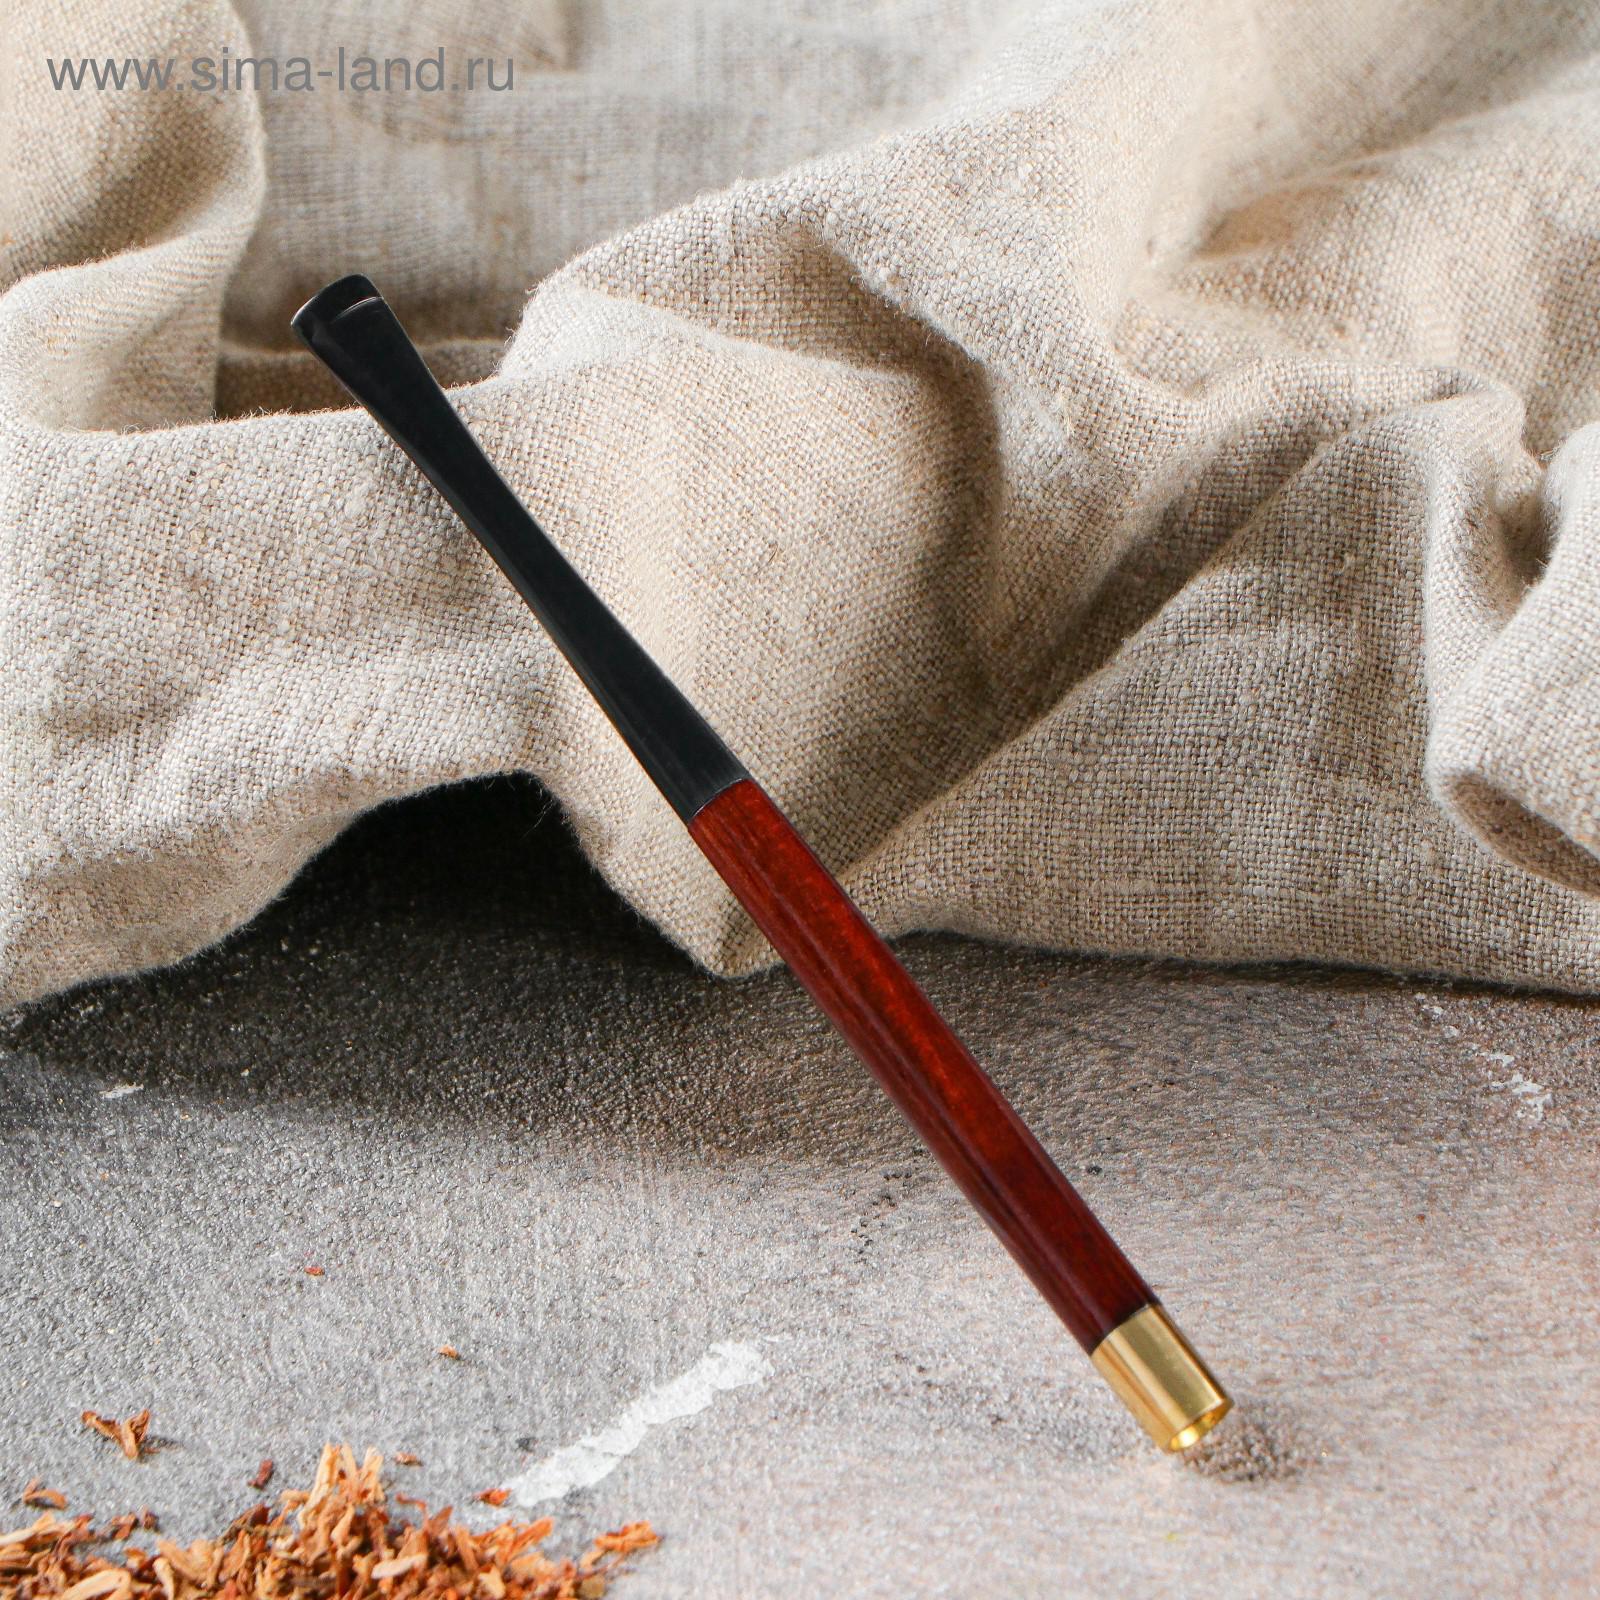 Купить мундштук для сигарет в воронеже сигареты mohawk купить в москве